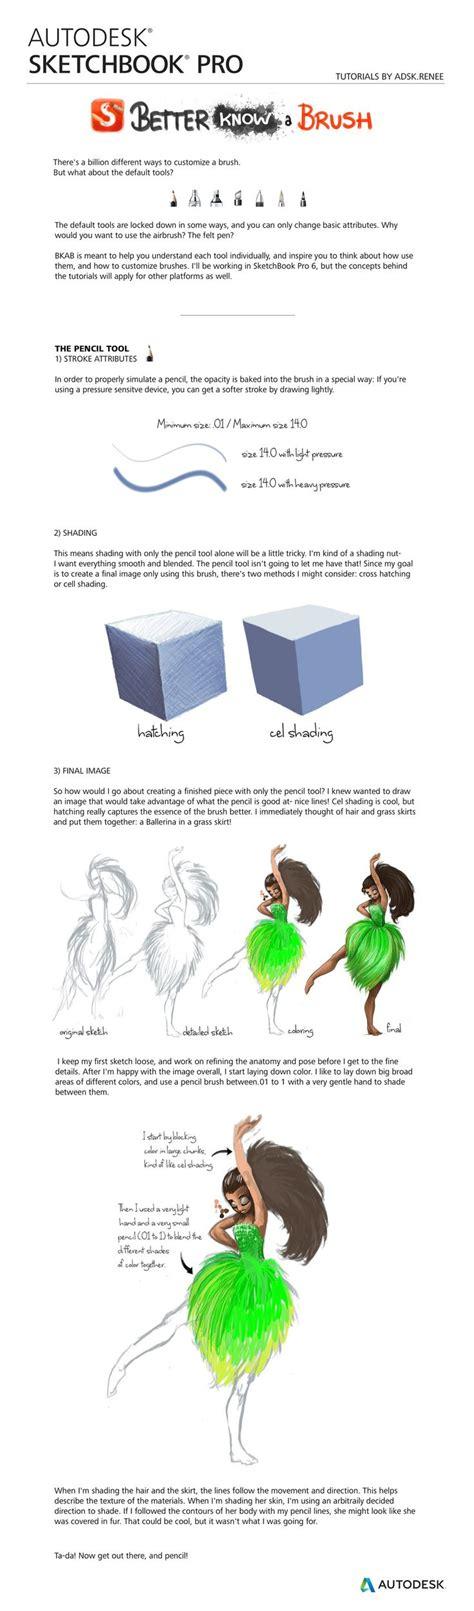 sketchbook express tutorial 25 best ideas about sketchbook pro on www